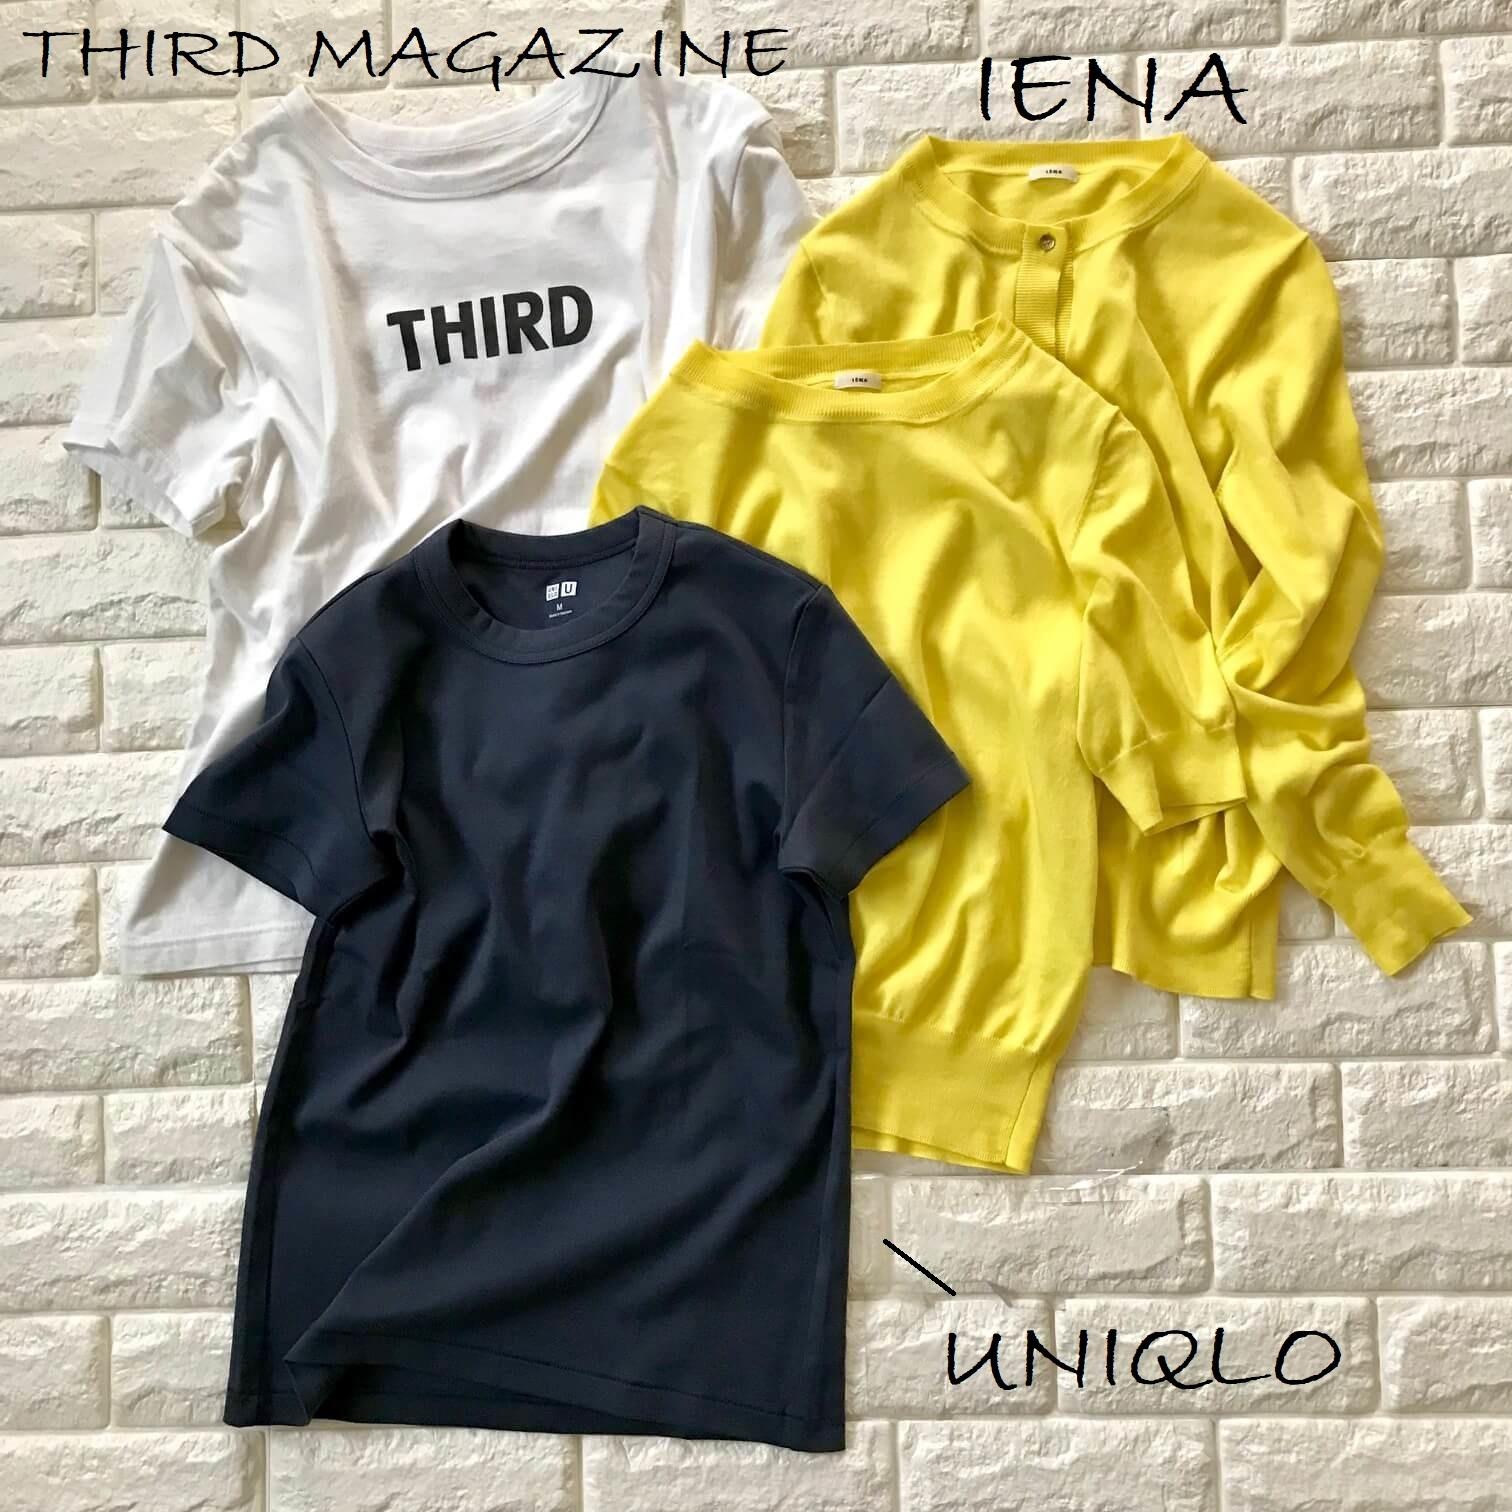 ユニクロとサードマガジンのTシャツ、イエナのツインニット画像